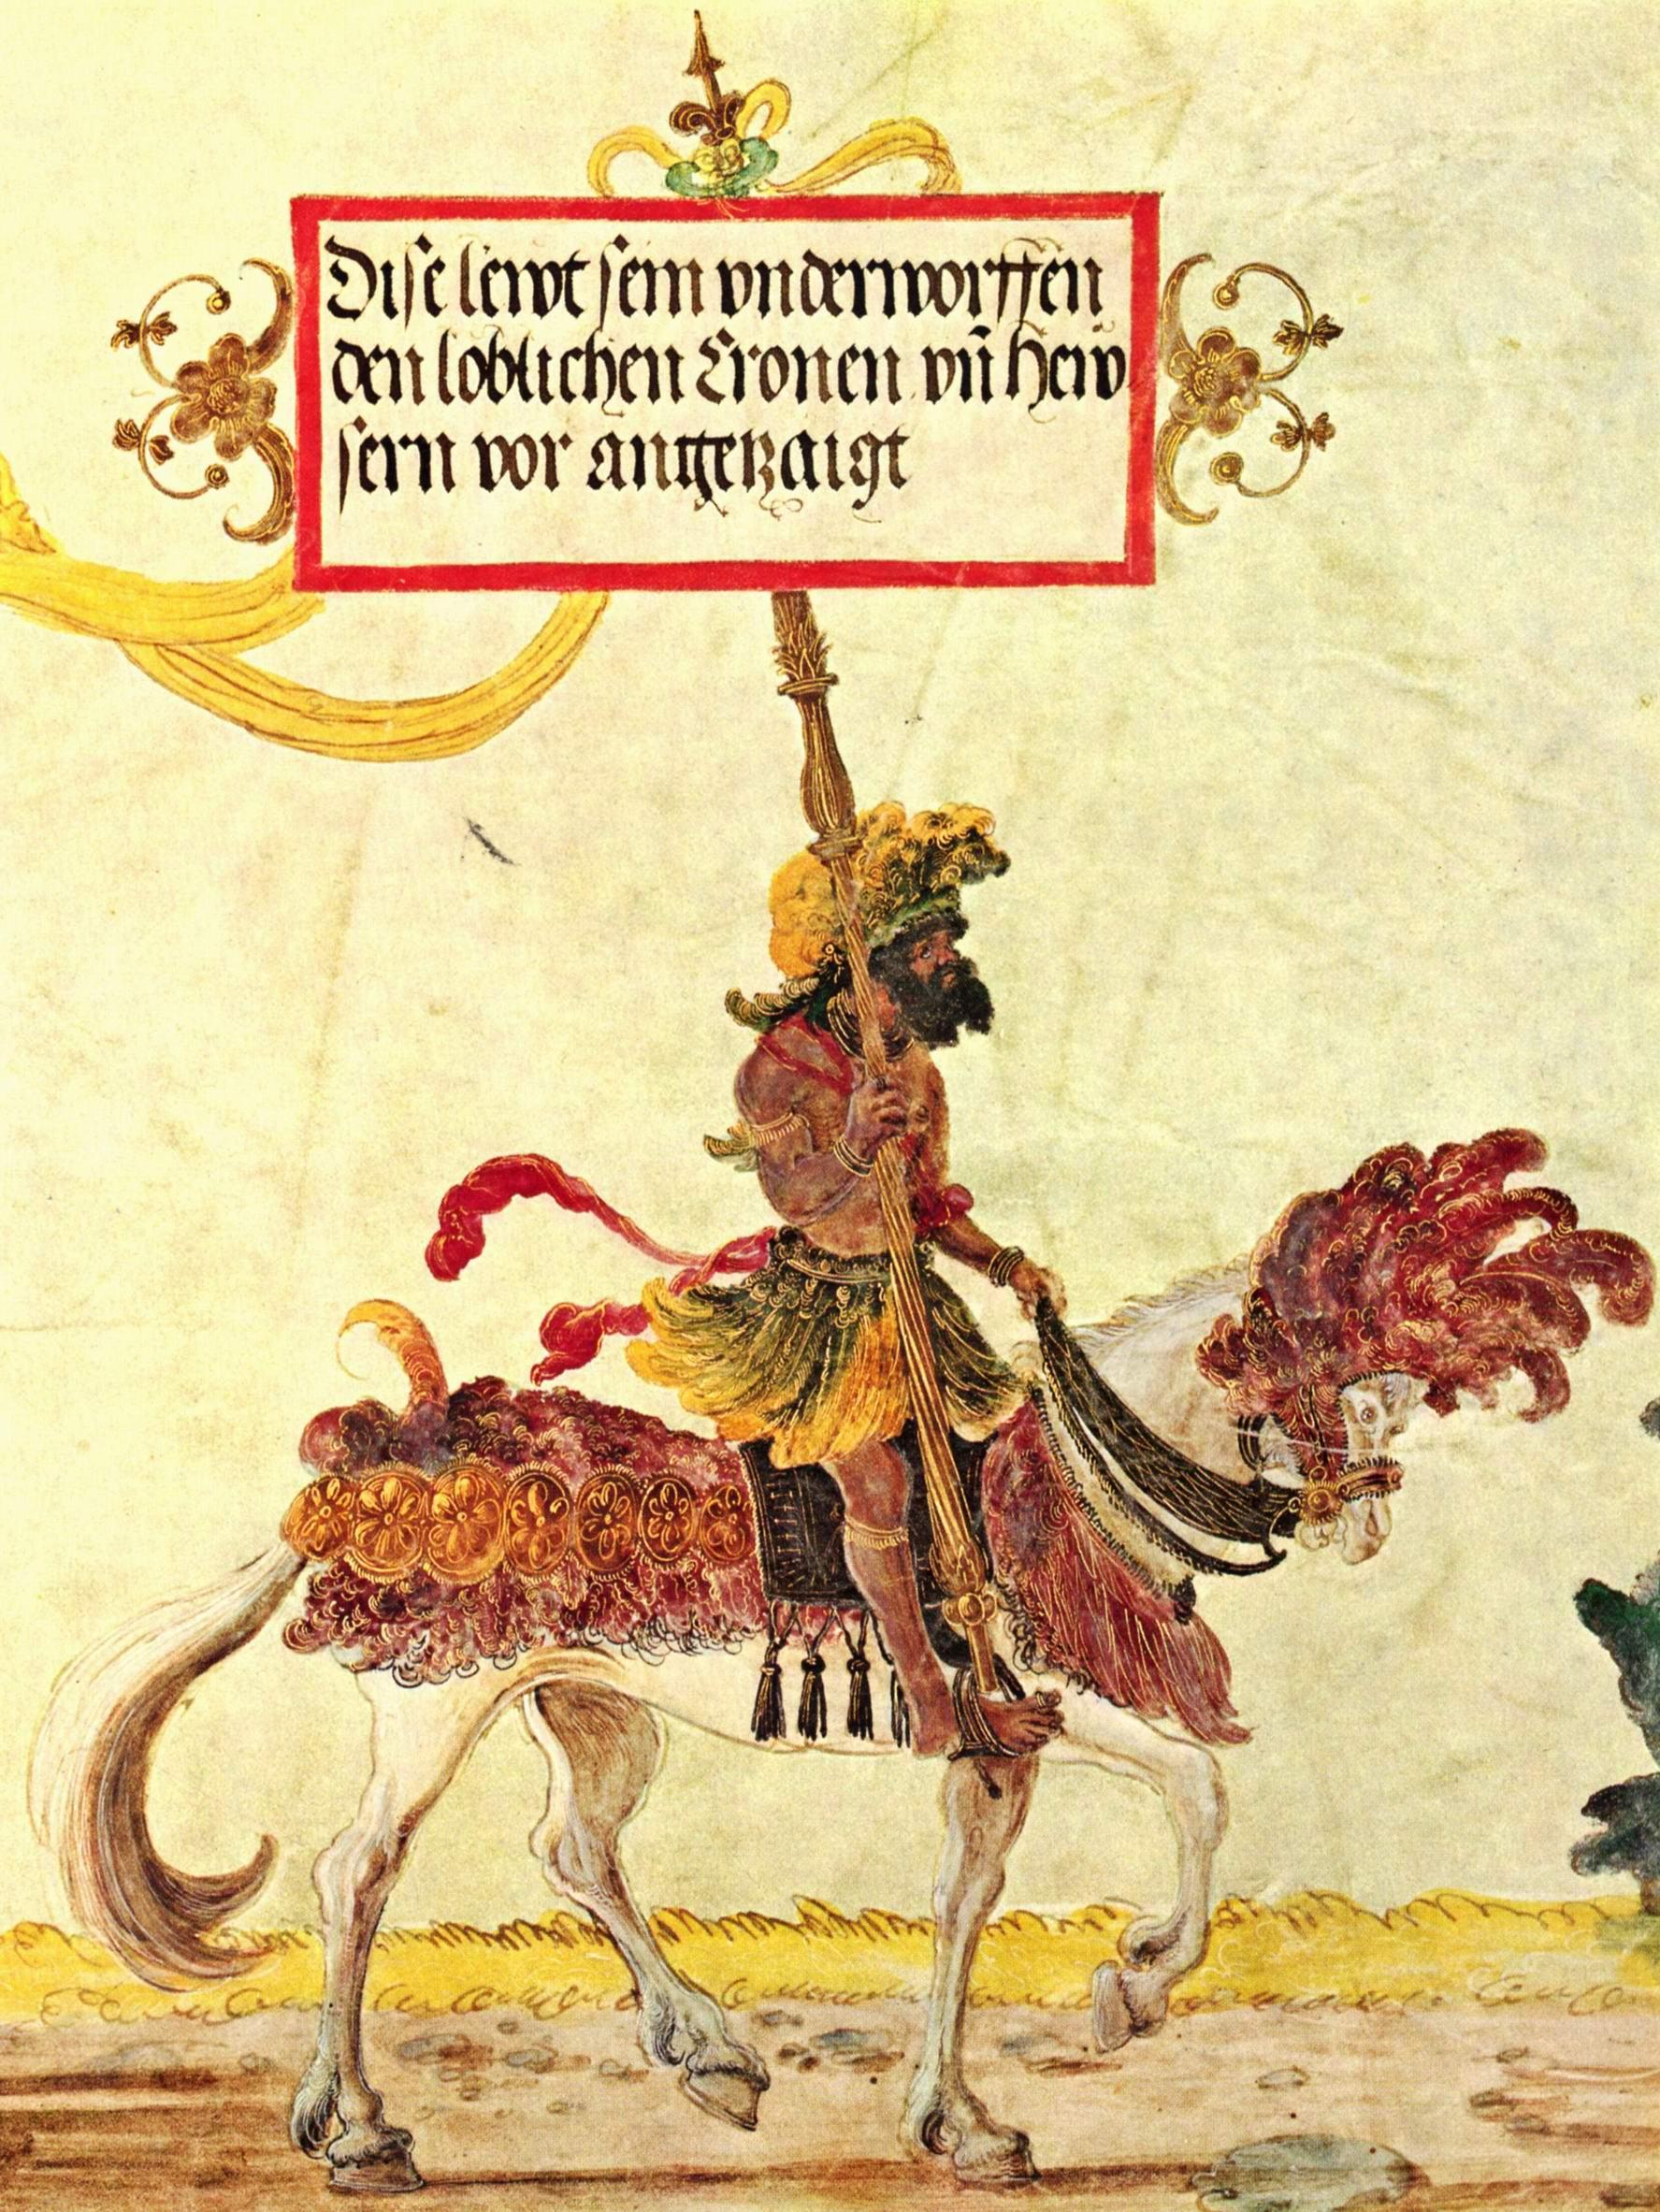 Триумфальное шествие императора Максимилиана, Жители Калькутты., Альтдорфер Альбрехт